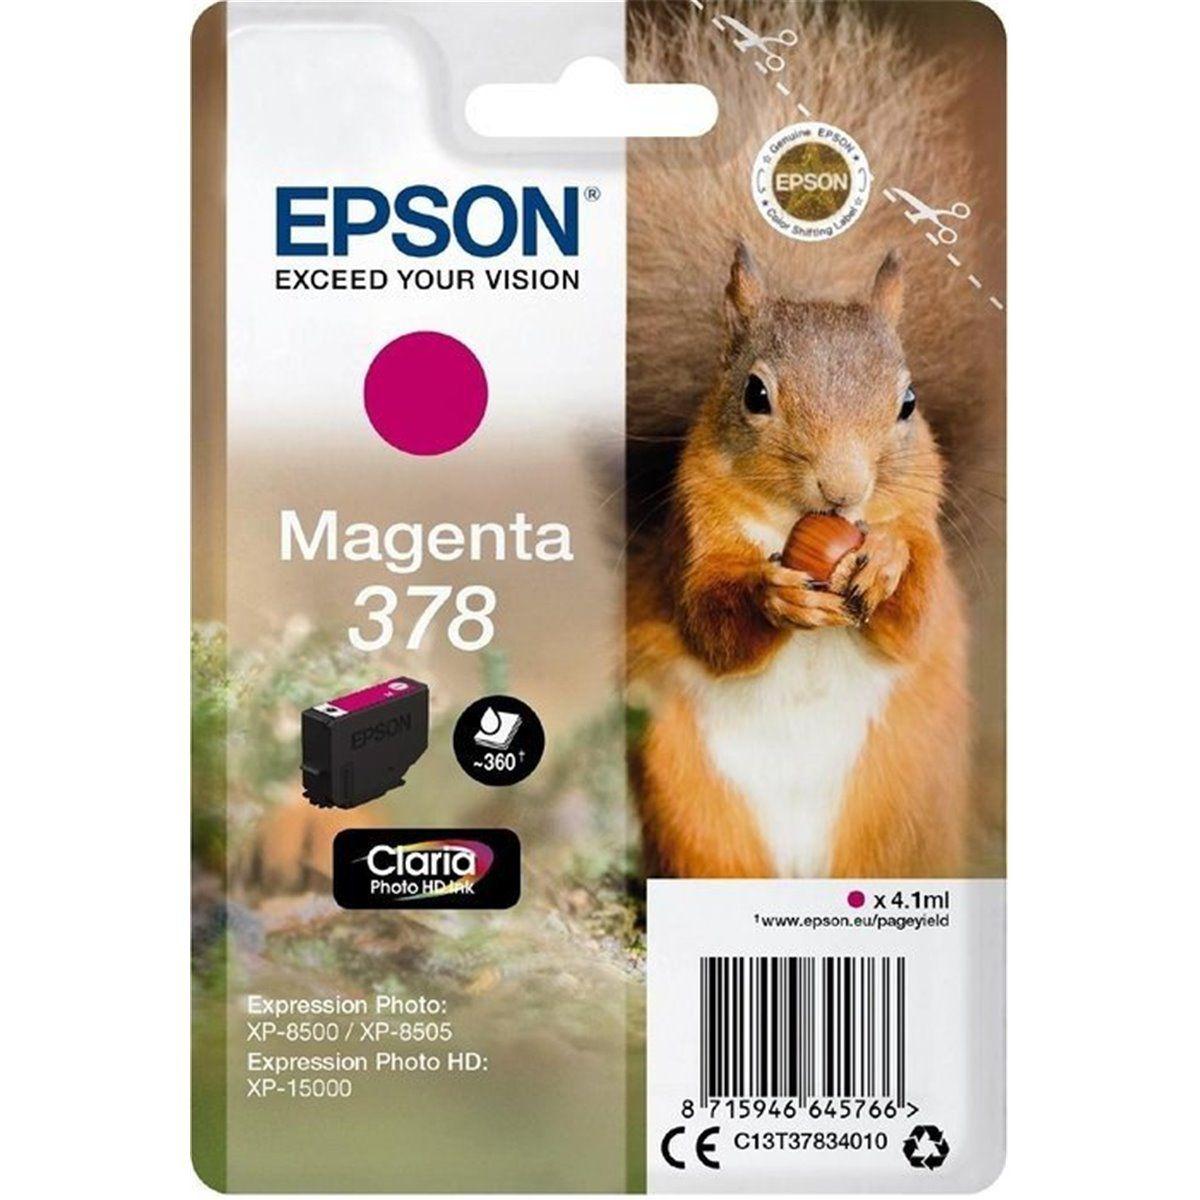 Cartouche d'encre EPSON 378 Magenta Série Ecureuil